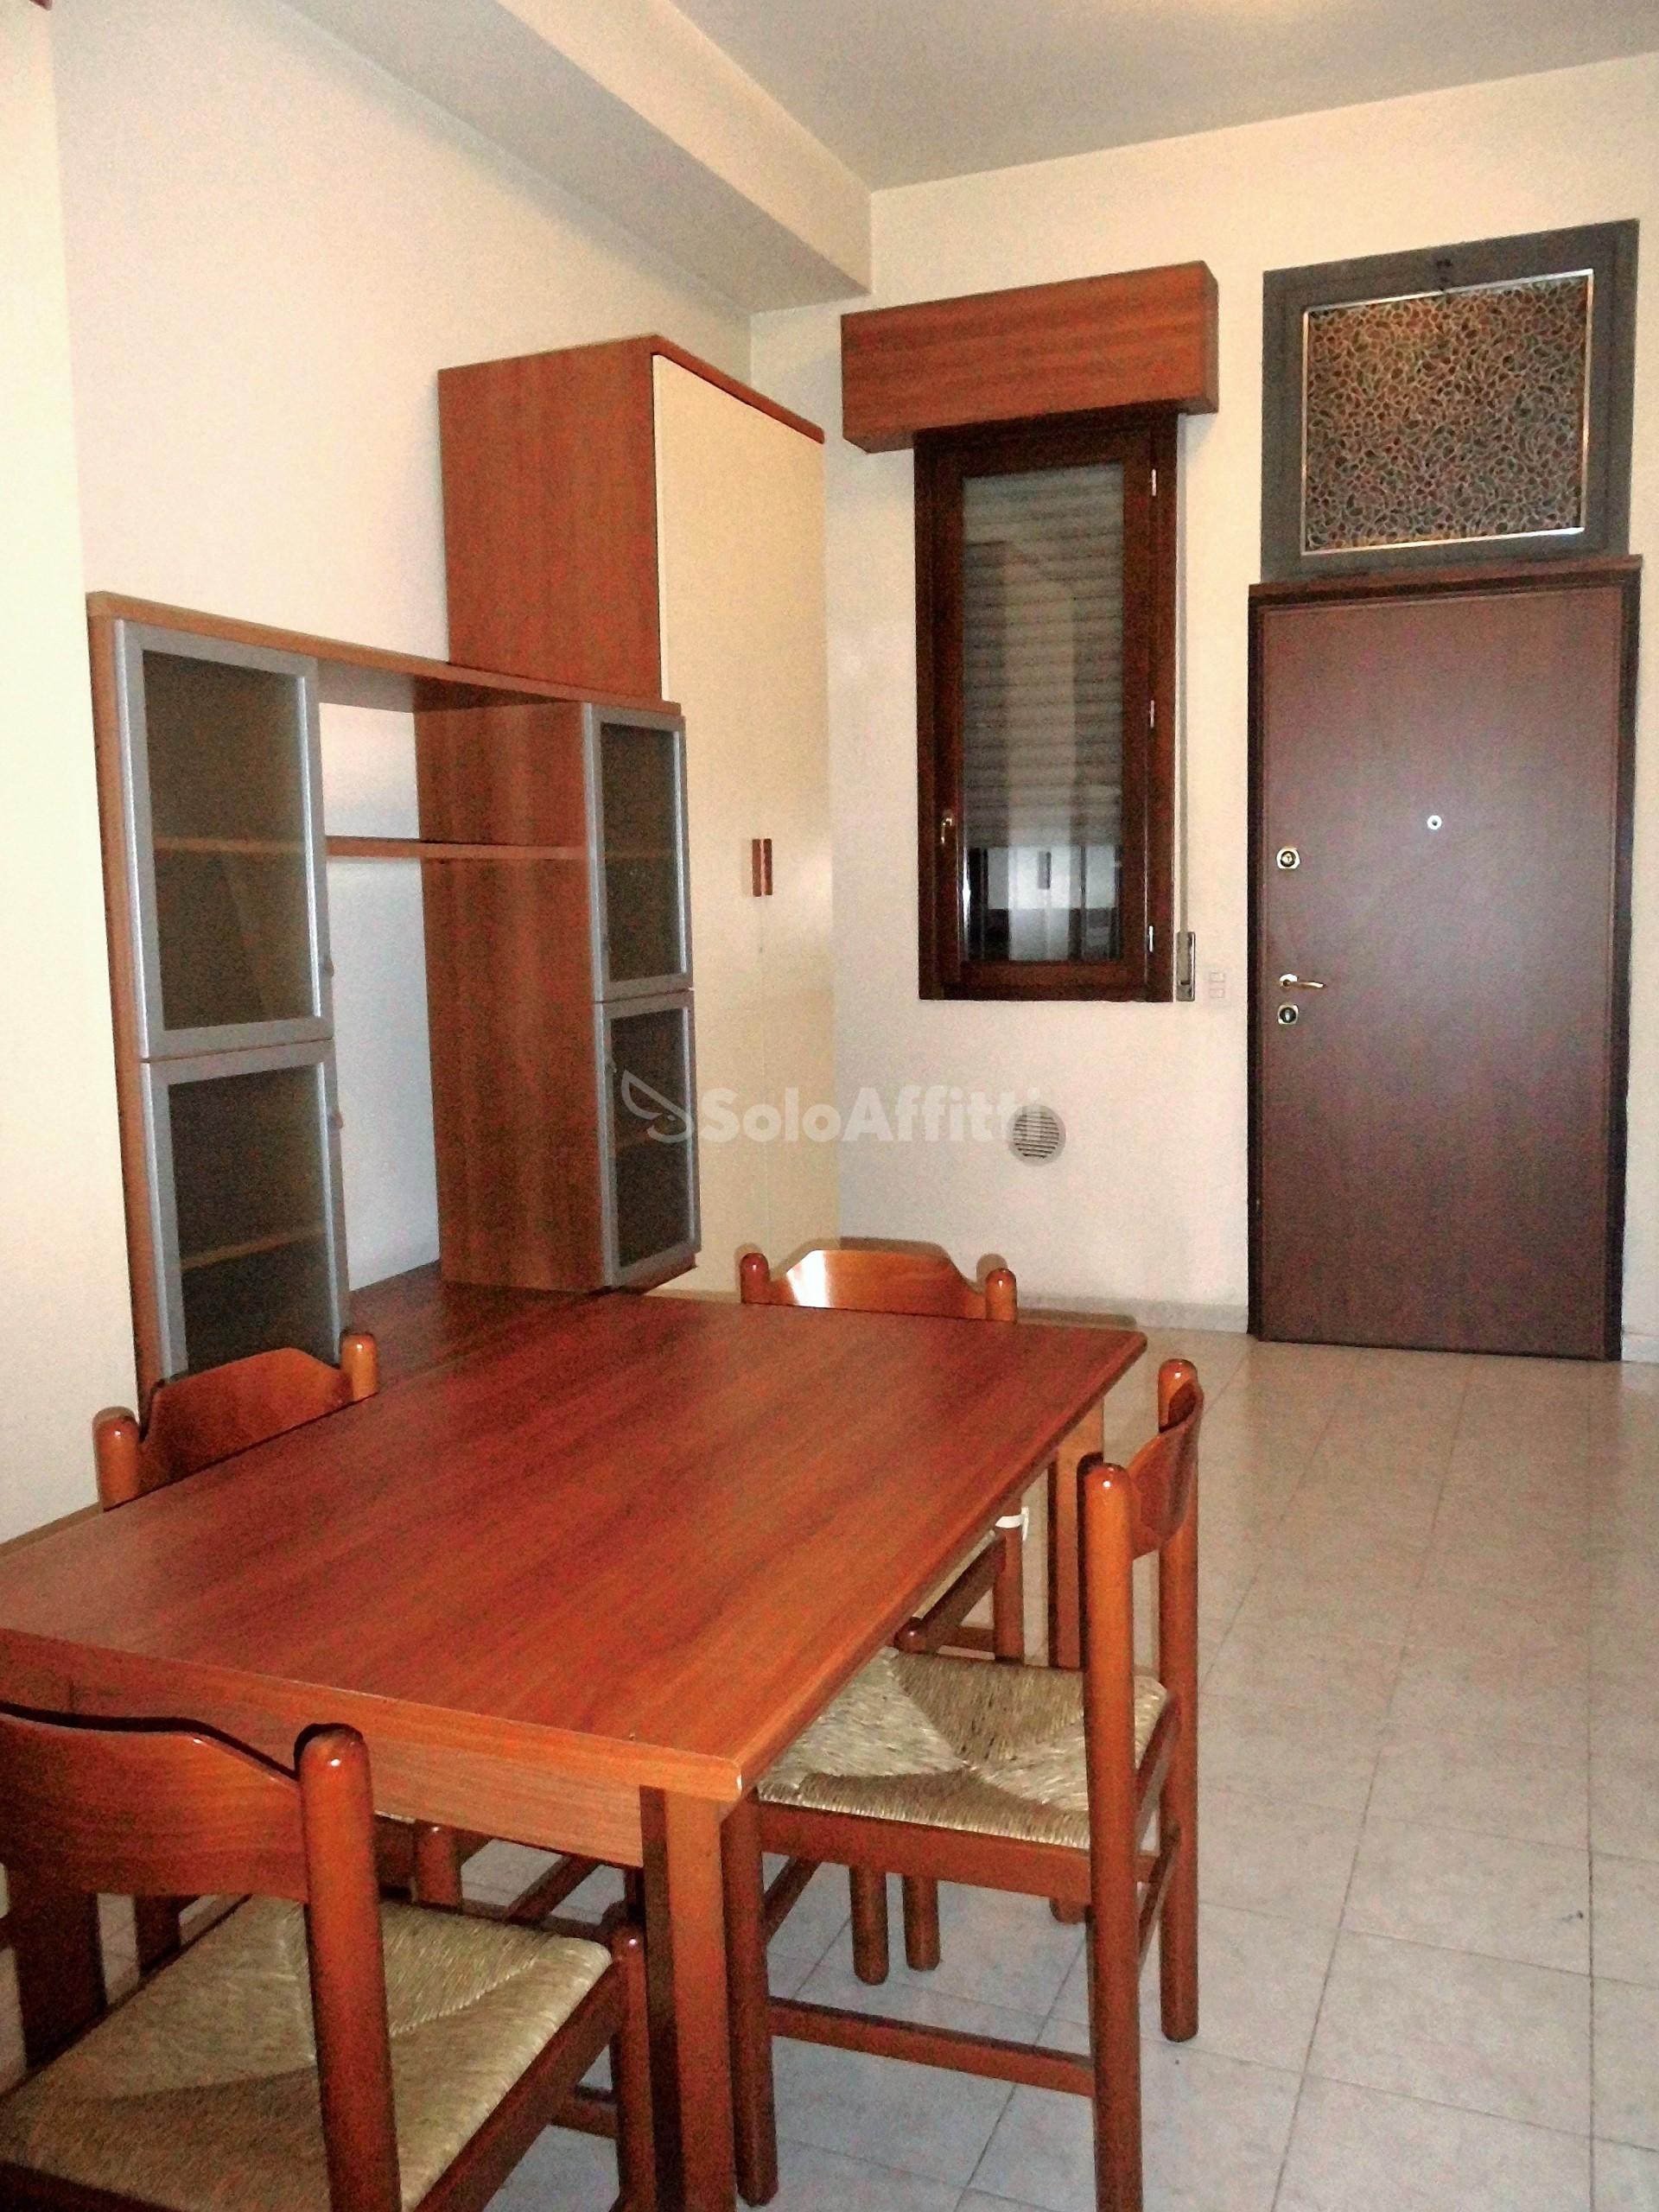 Affitto appartamento monolocale arredato for Contratto affitto appartamento arredato